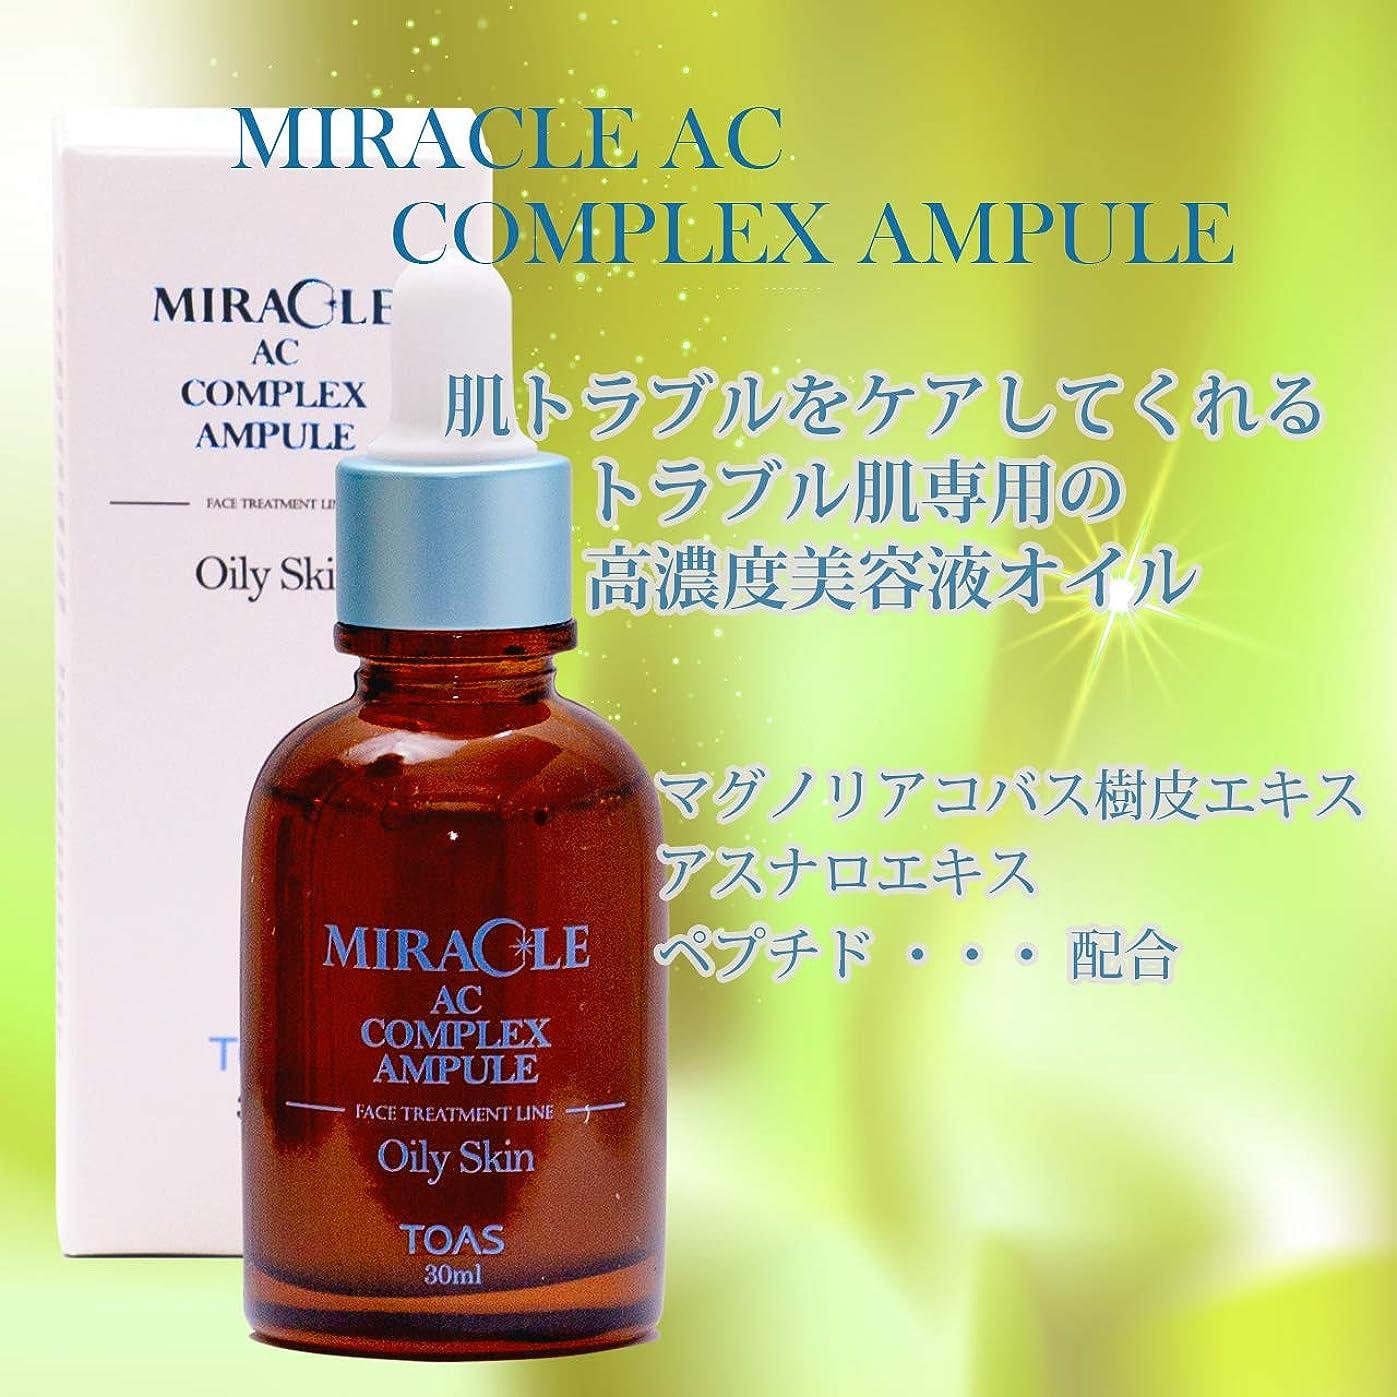 傷つきやすい不名誉石TOAS ミラクルACコンプレックス?アンプル30ml トラブル肌を解消 高密度美容液オイル